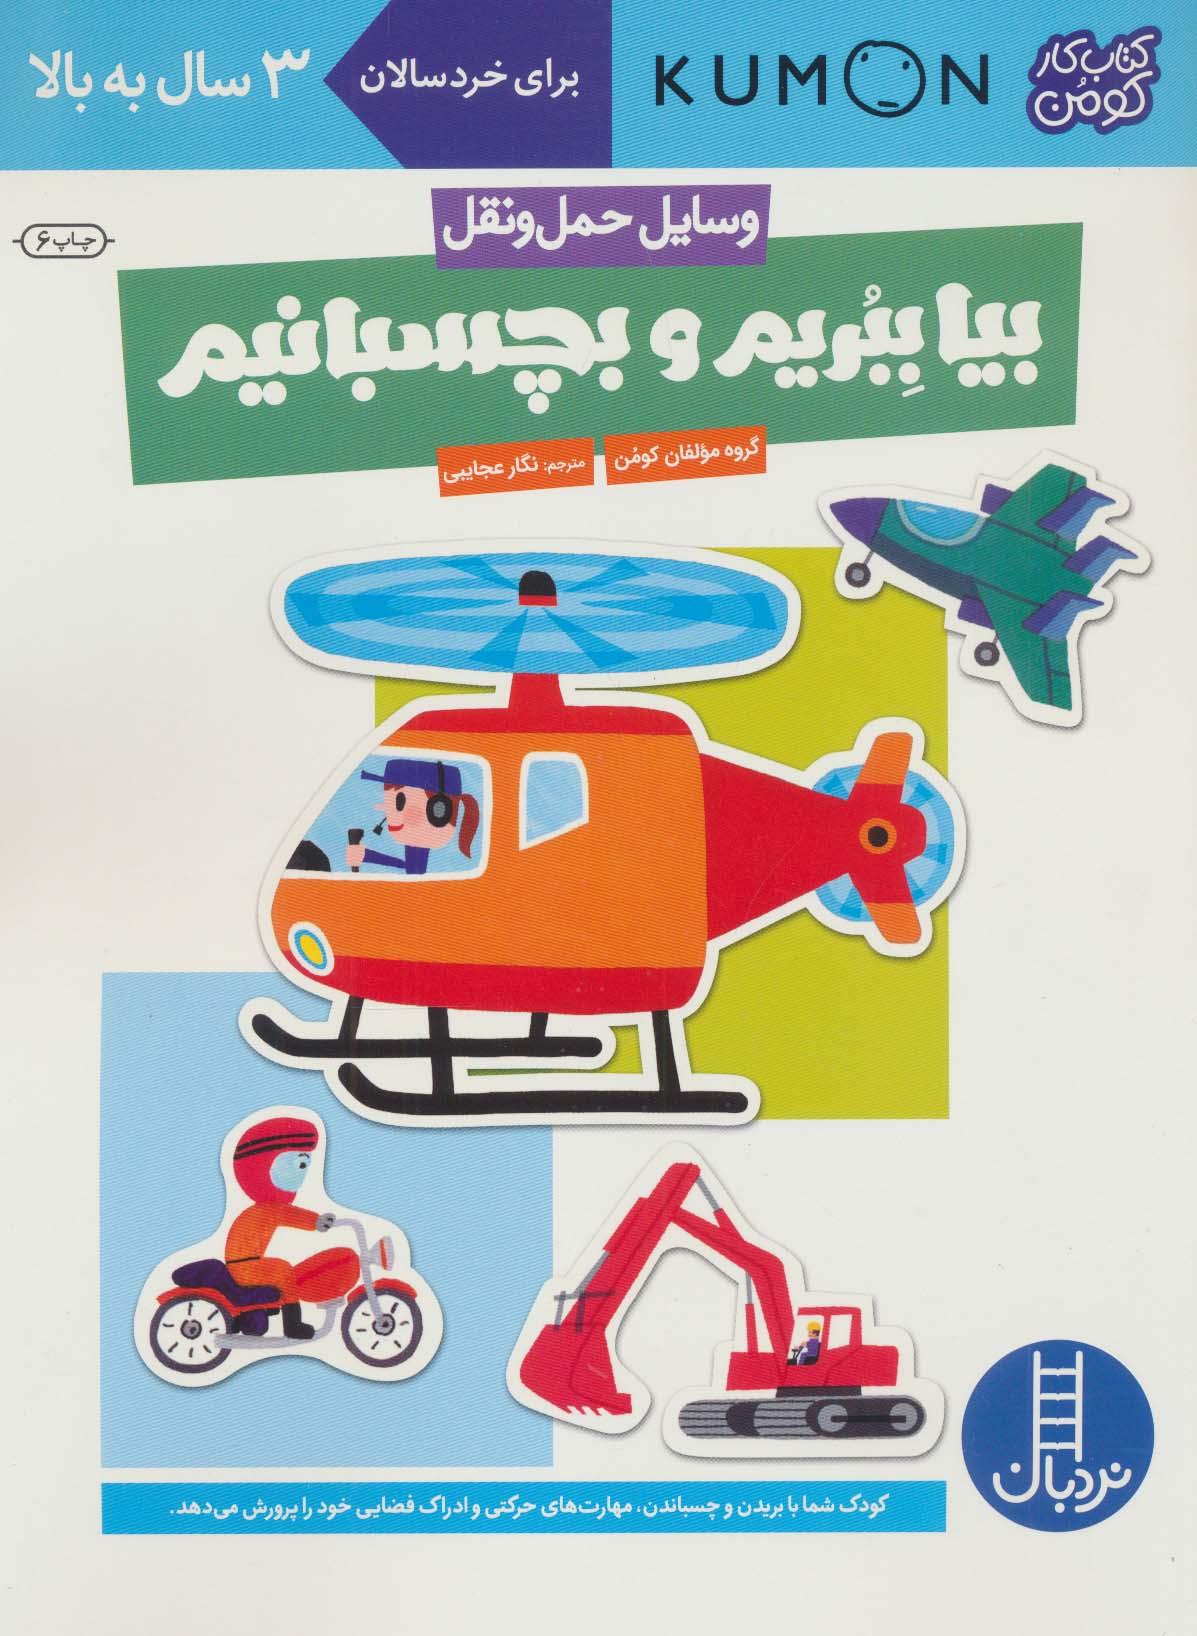 بیا ببریم و بچسبانیم:وسایل حمل و نقل (کتاب کار کومن)،(گلاسه)